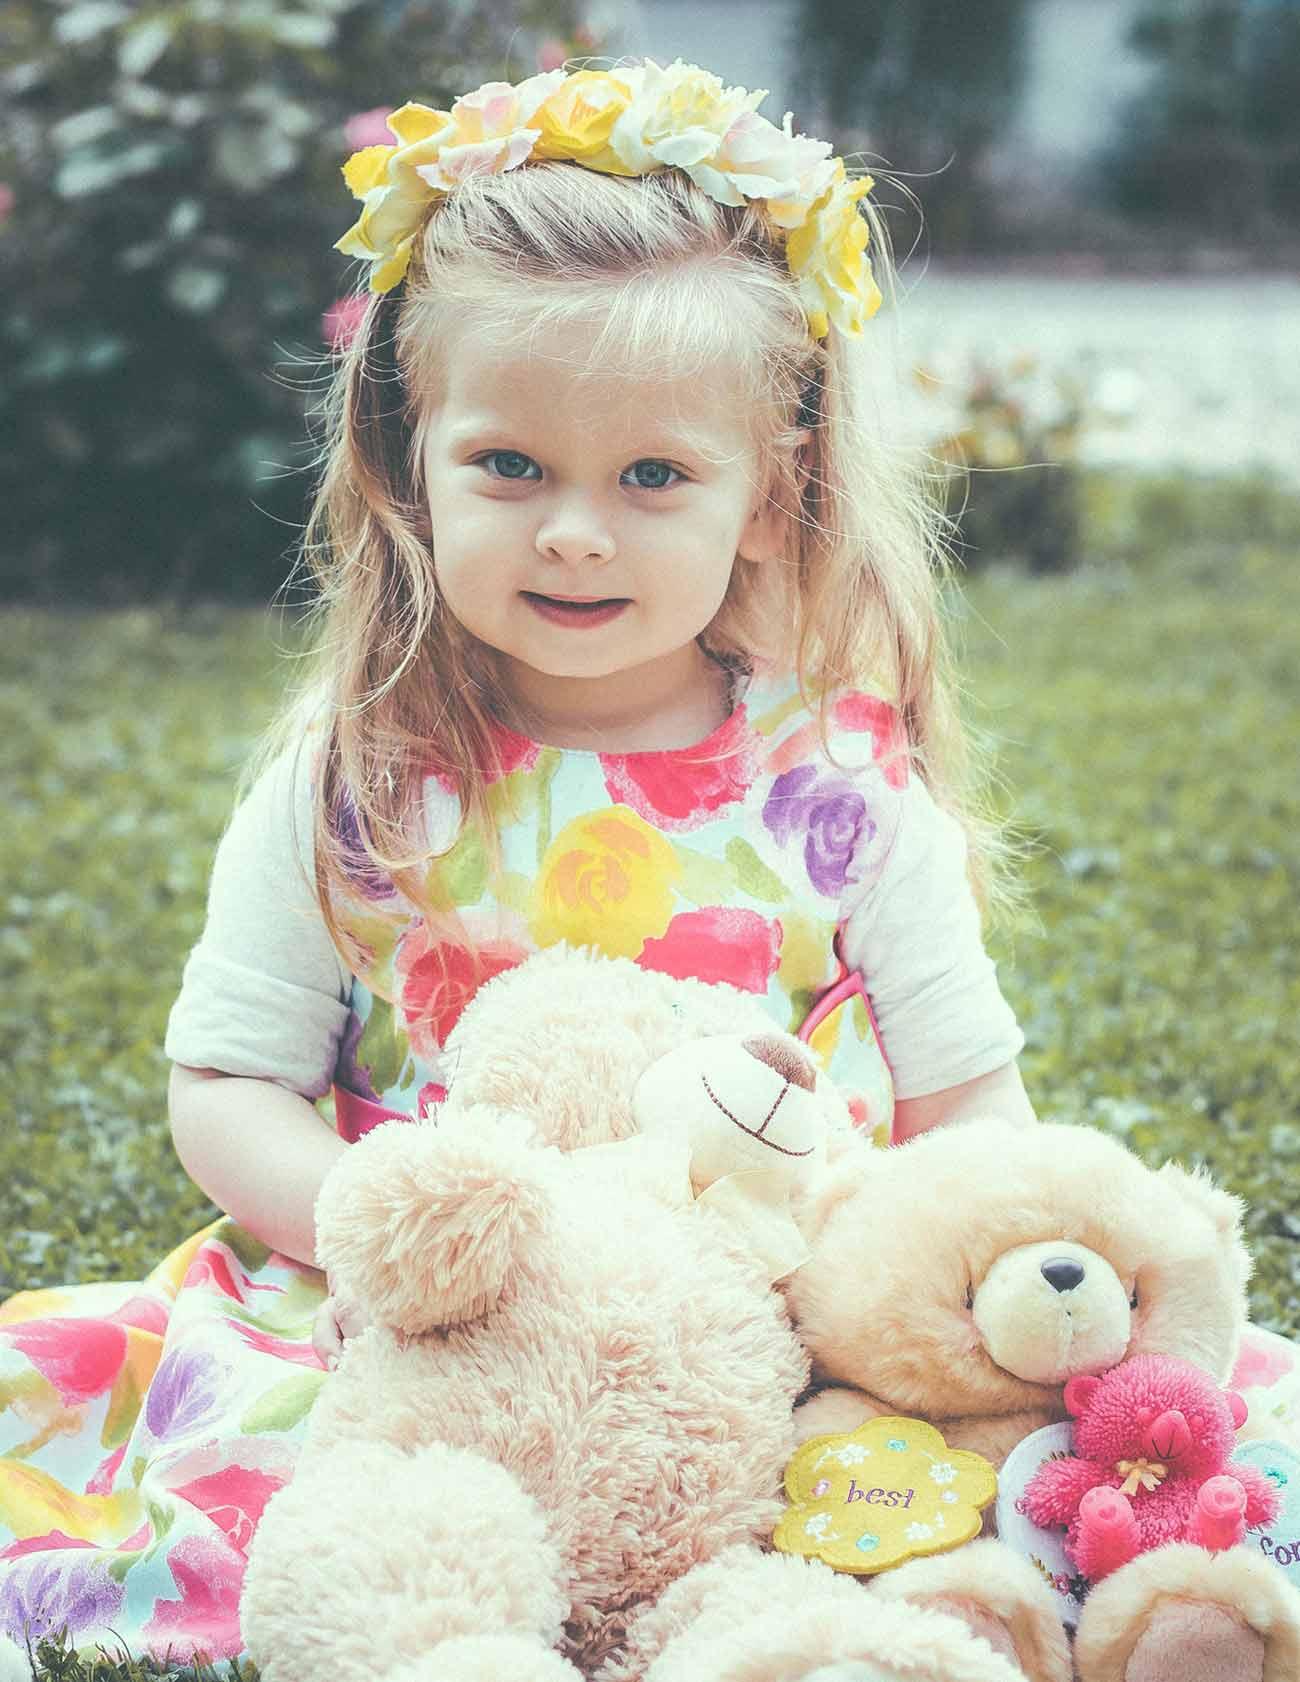 Toddler-Photography_Cristina2